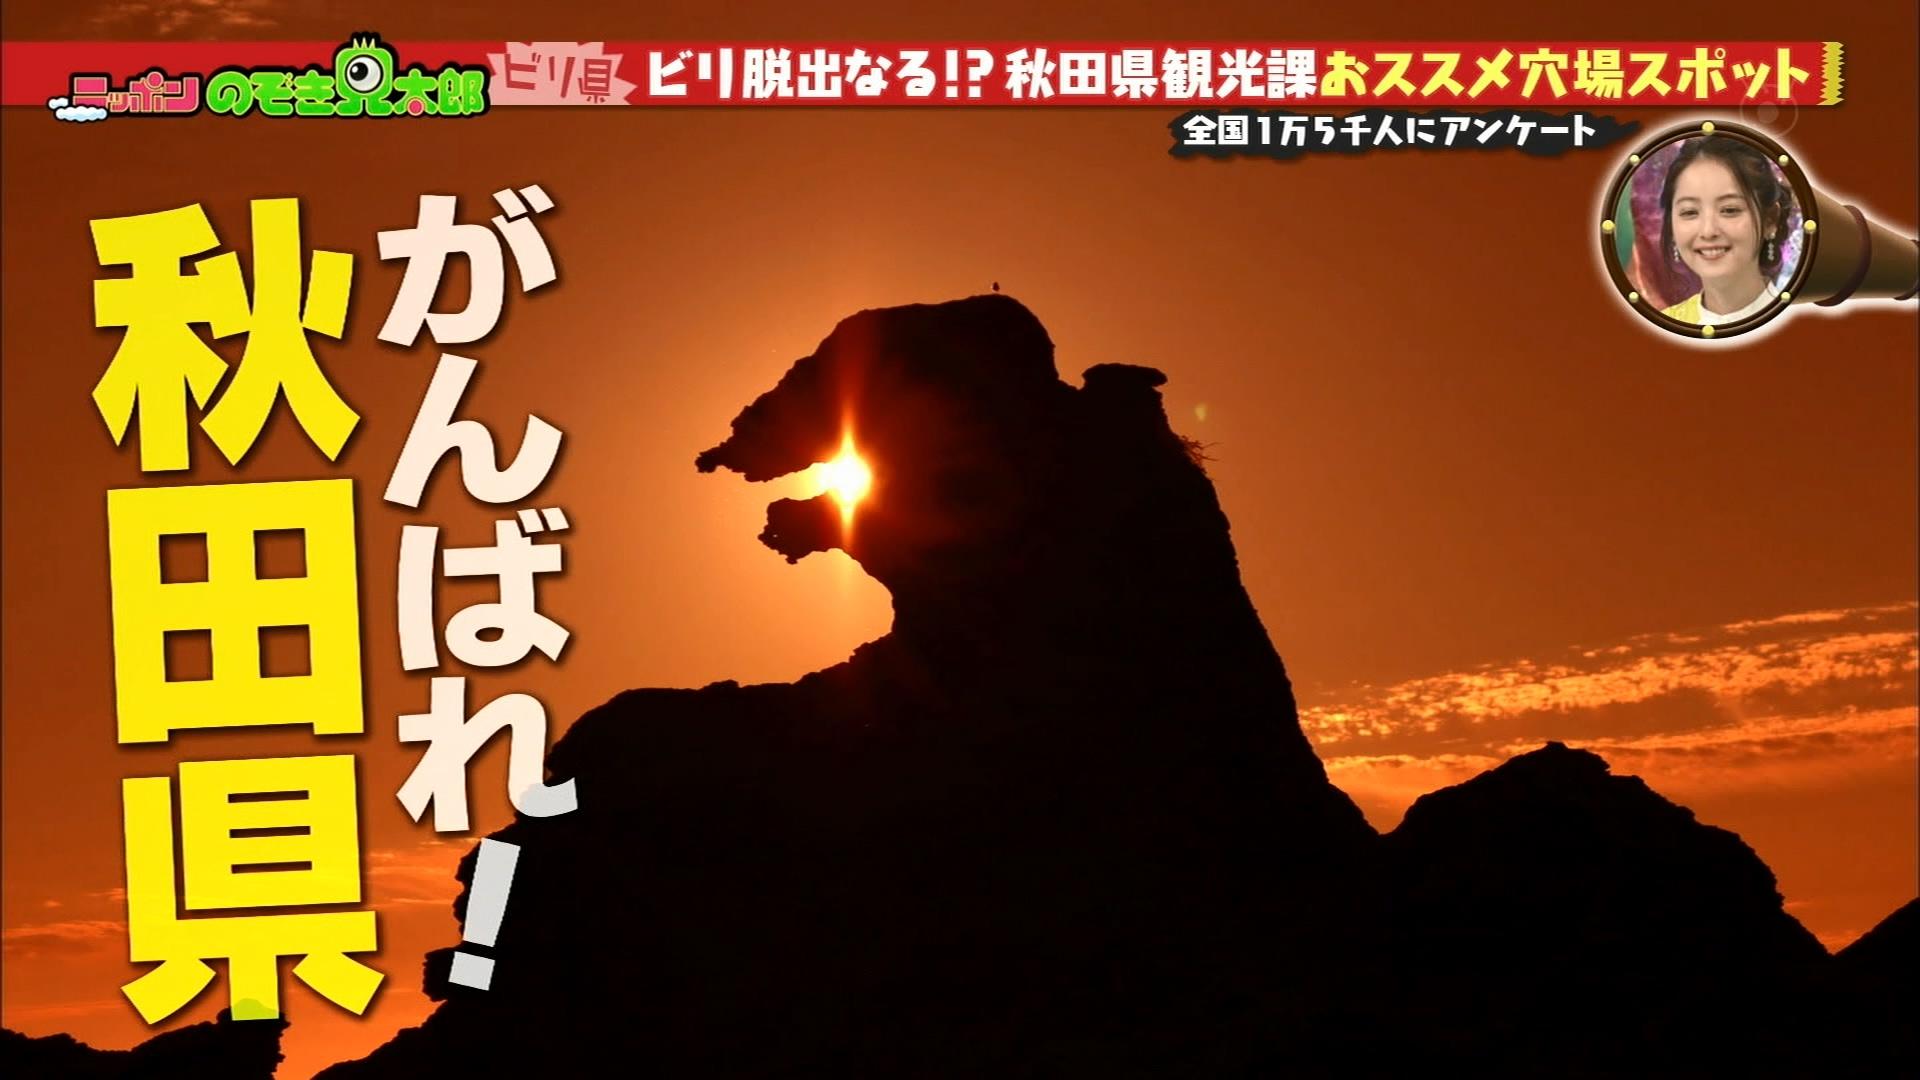 2016.04.26 全場(ニッポンのぞき見太郎).ts_20160426_213619.839